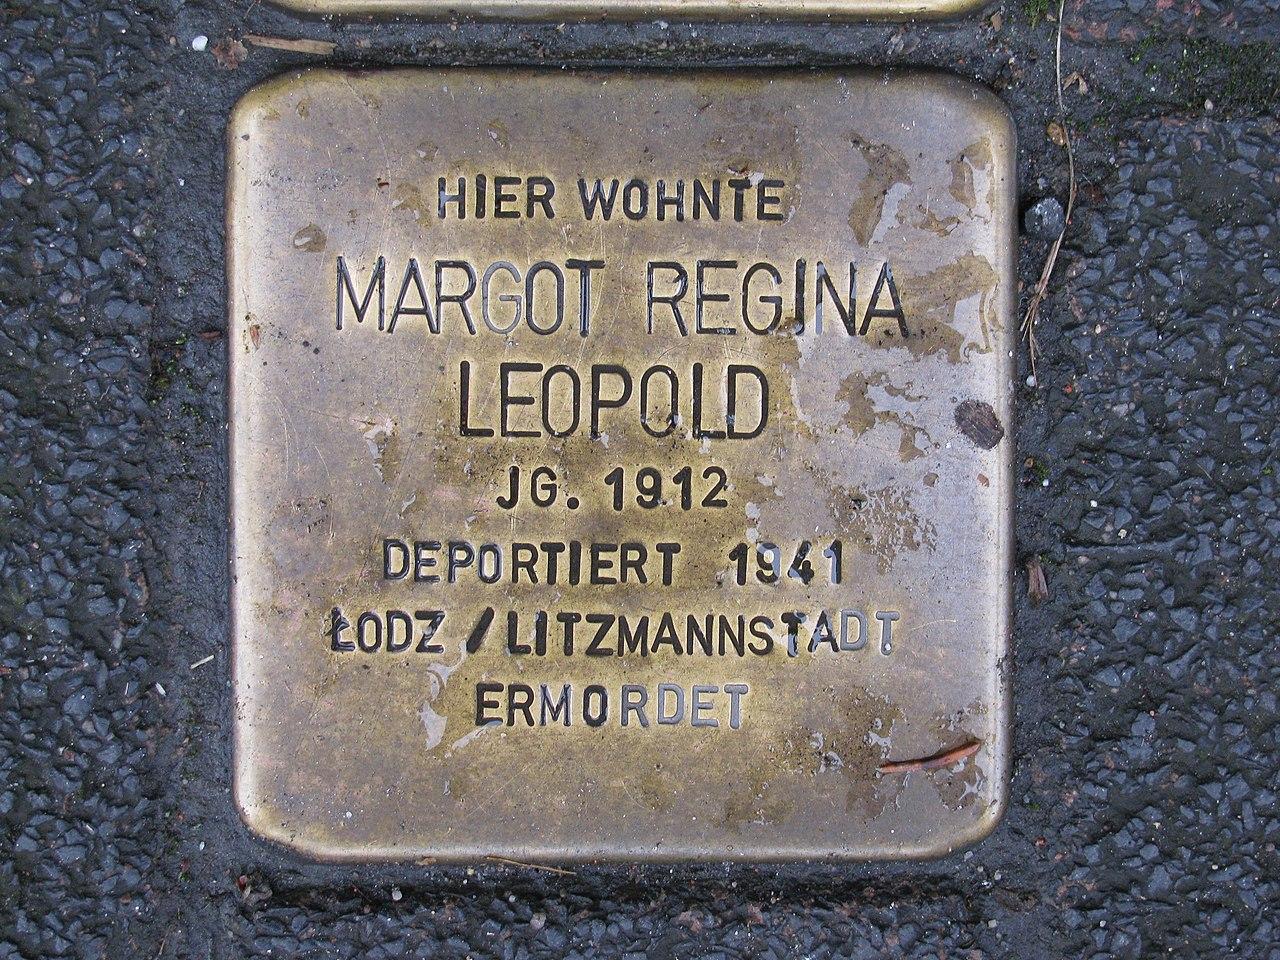 Stolperstein Margot Regina Leopold, 1, Schiede 28, Limburg an der Lahn, Landkreis Limburg-Weilburg.jpg